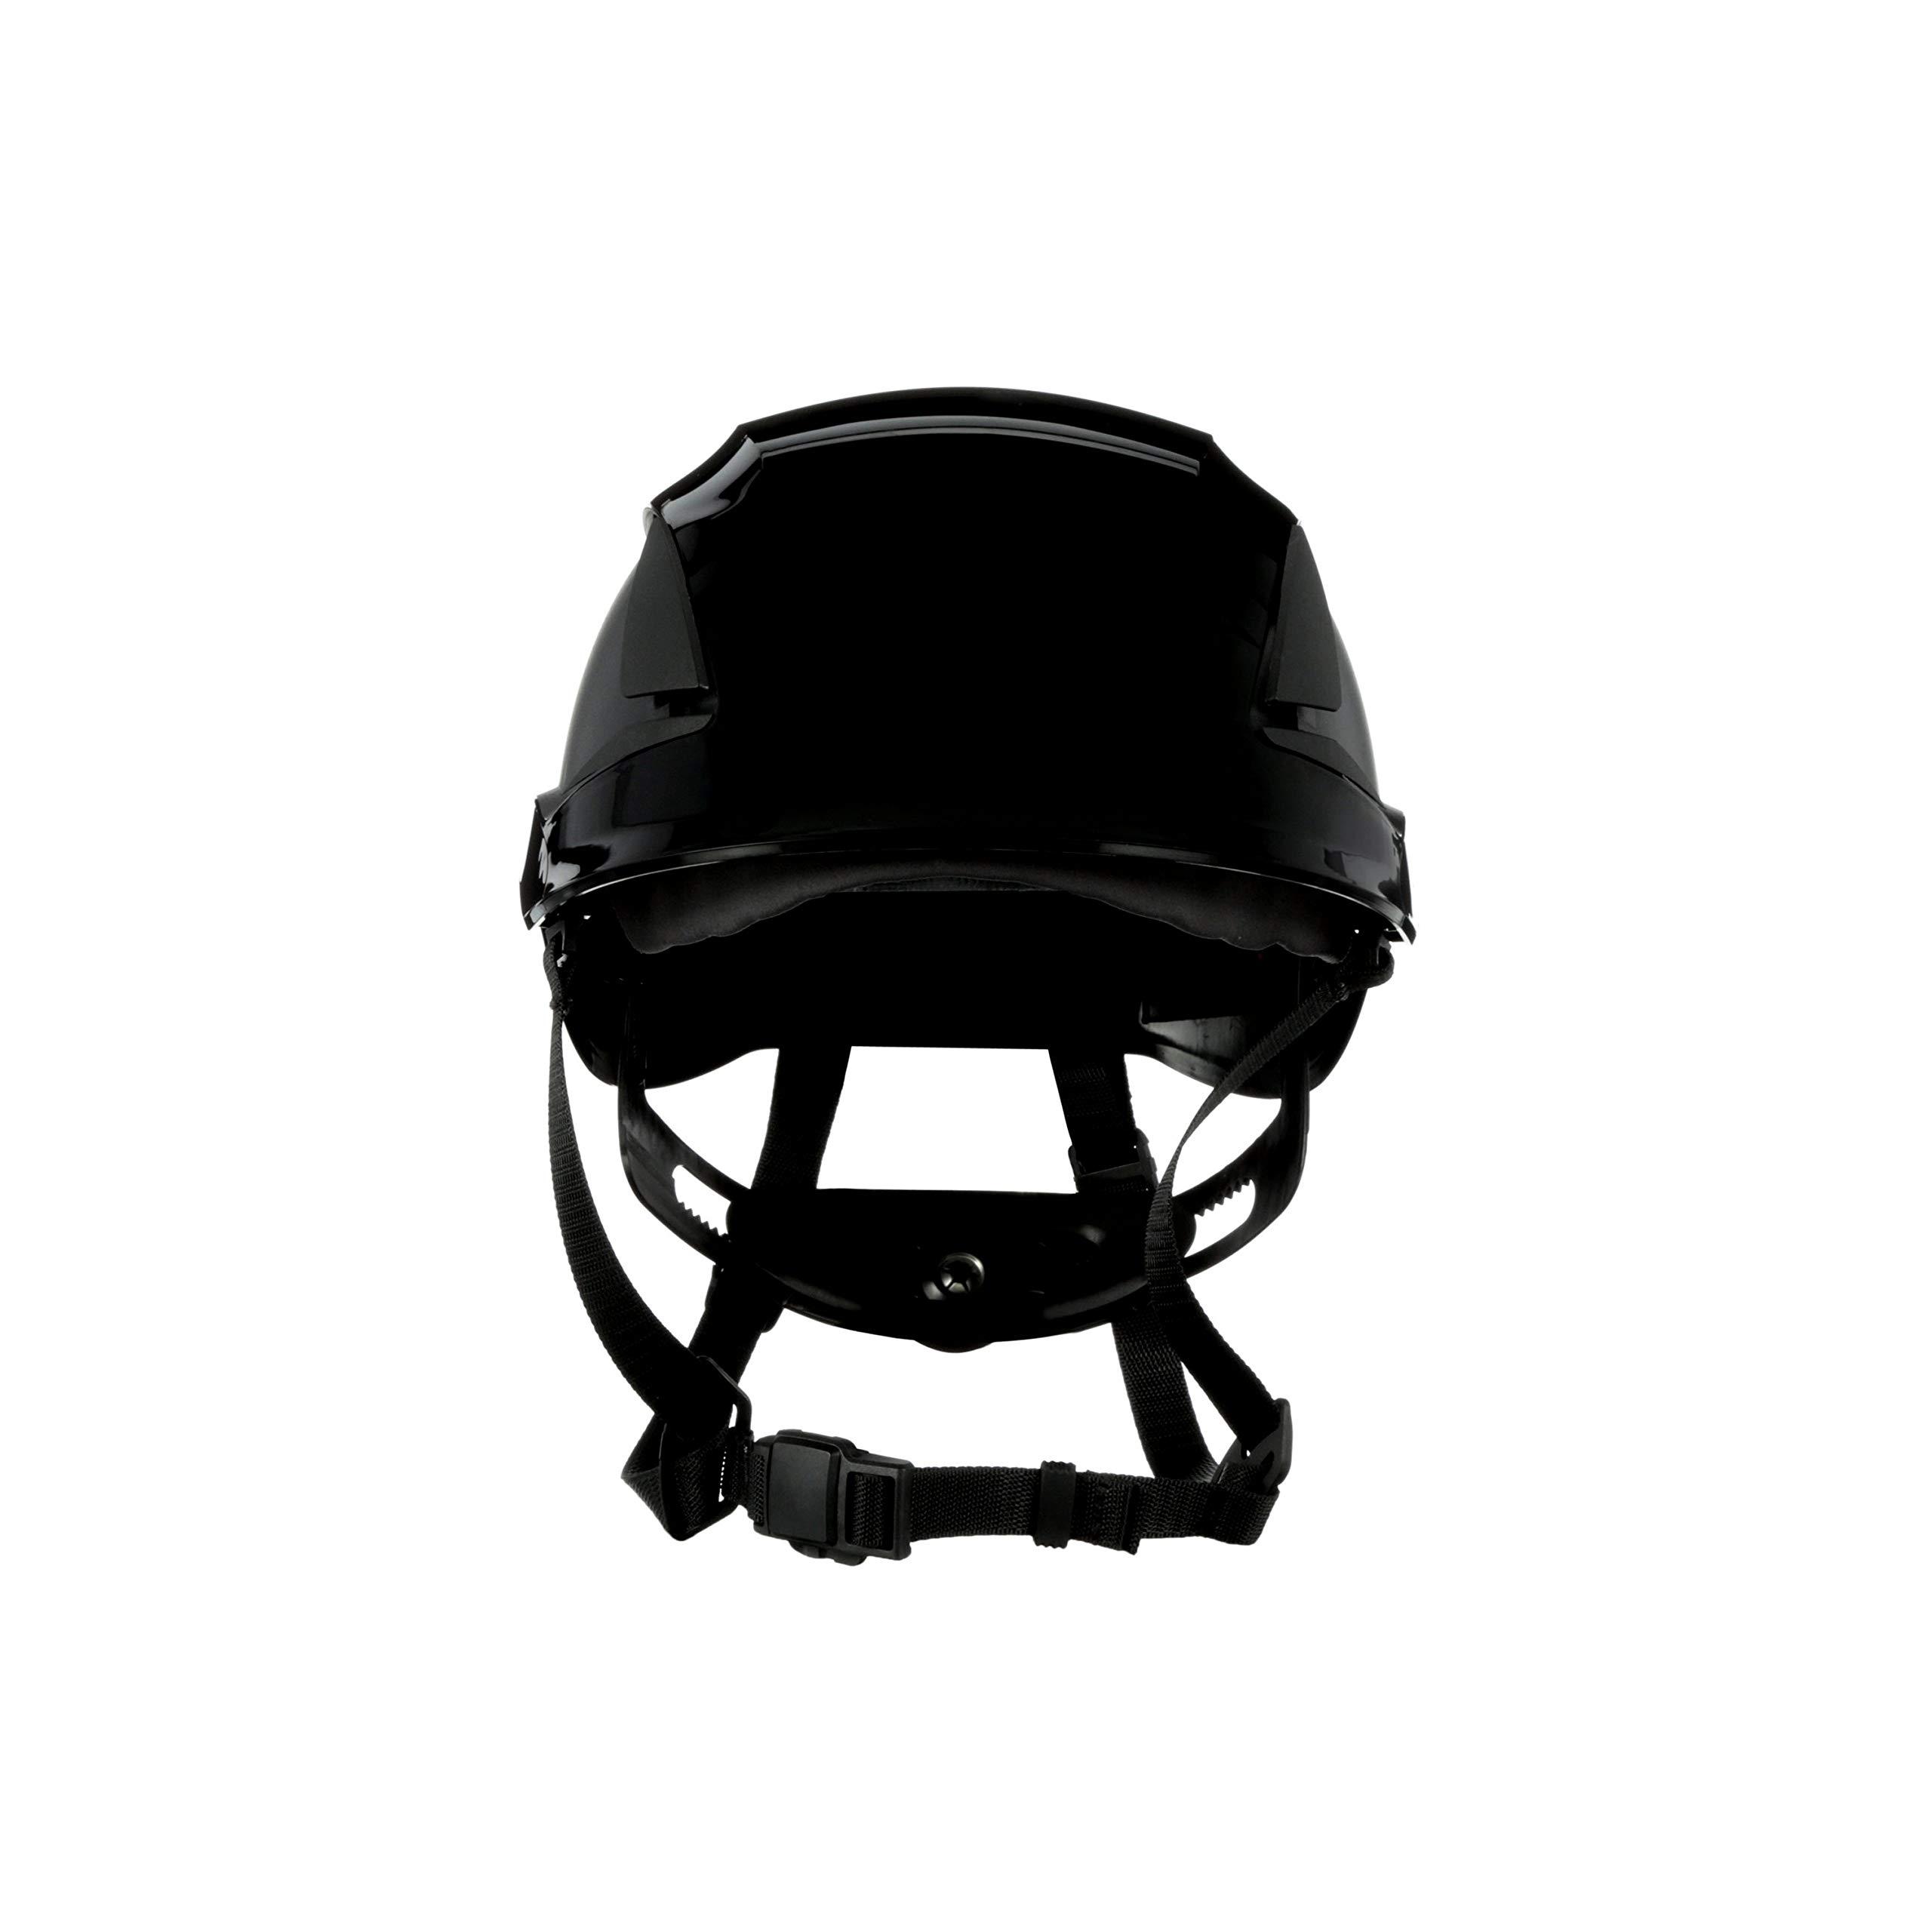 3M SecureFit Safety Helmet, X5012V-ANSI, Black, Vented